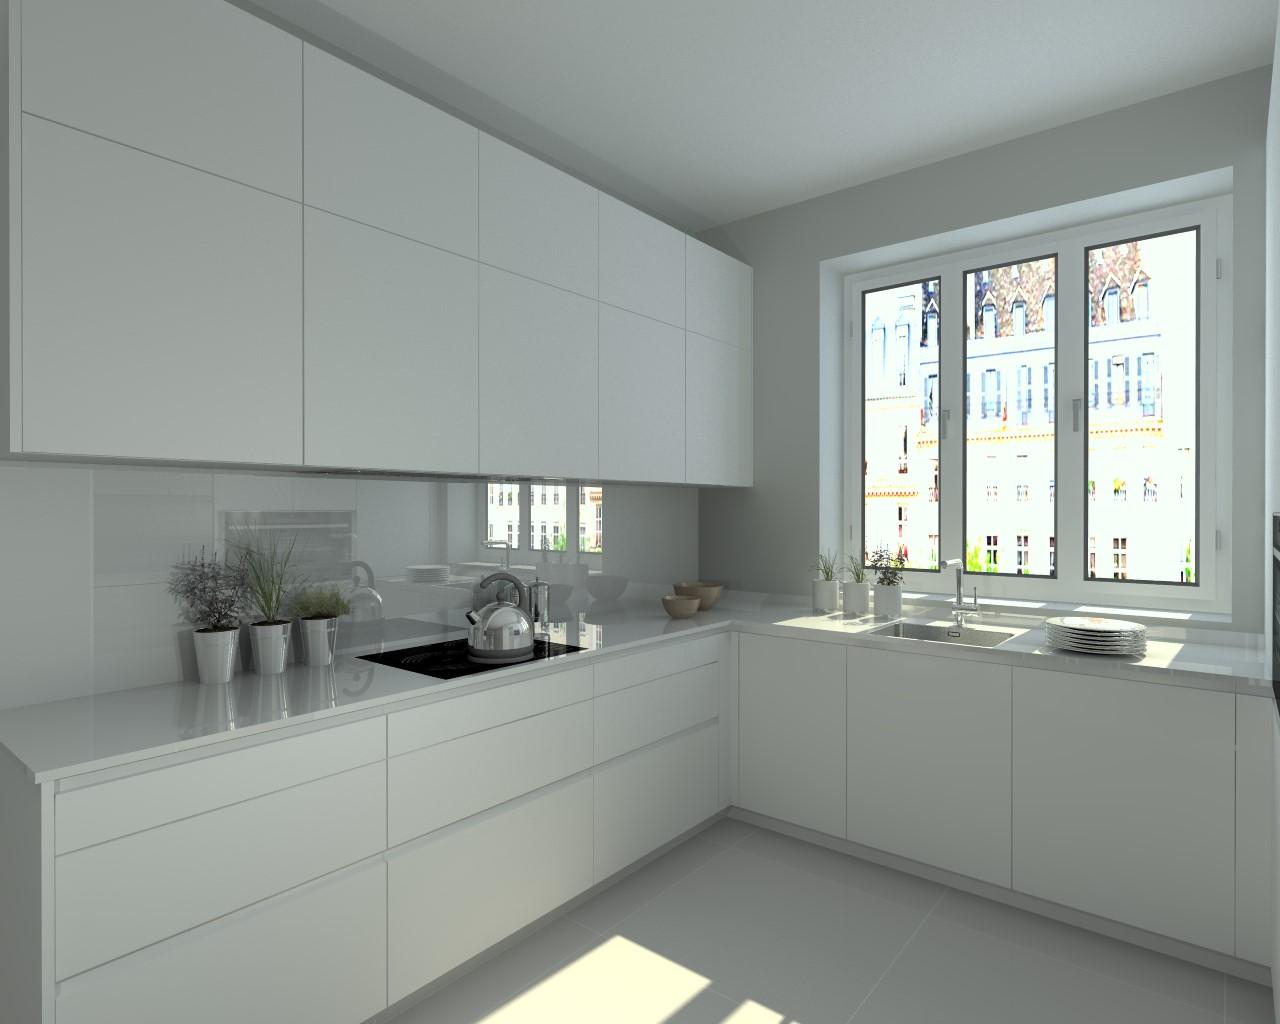 Aravaca cocina santos modelo line e blanco encimera Cocina blanca encimera granito negra